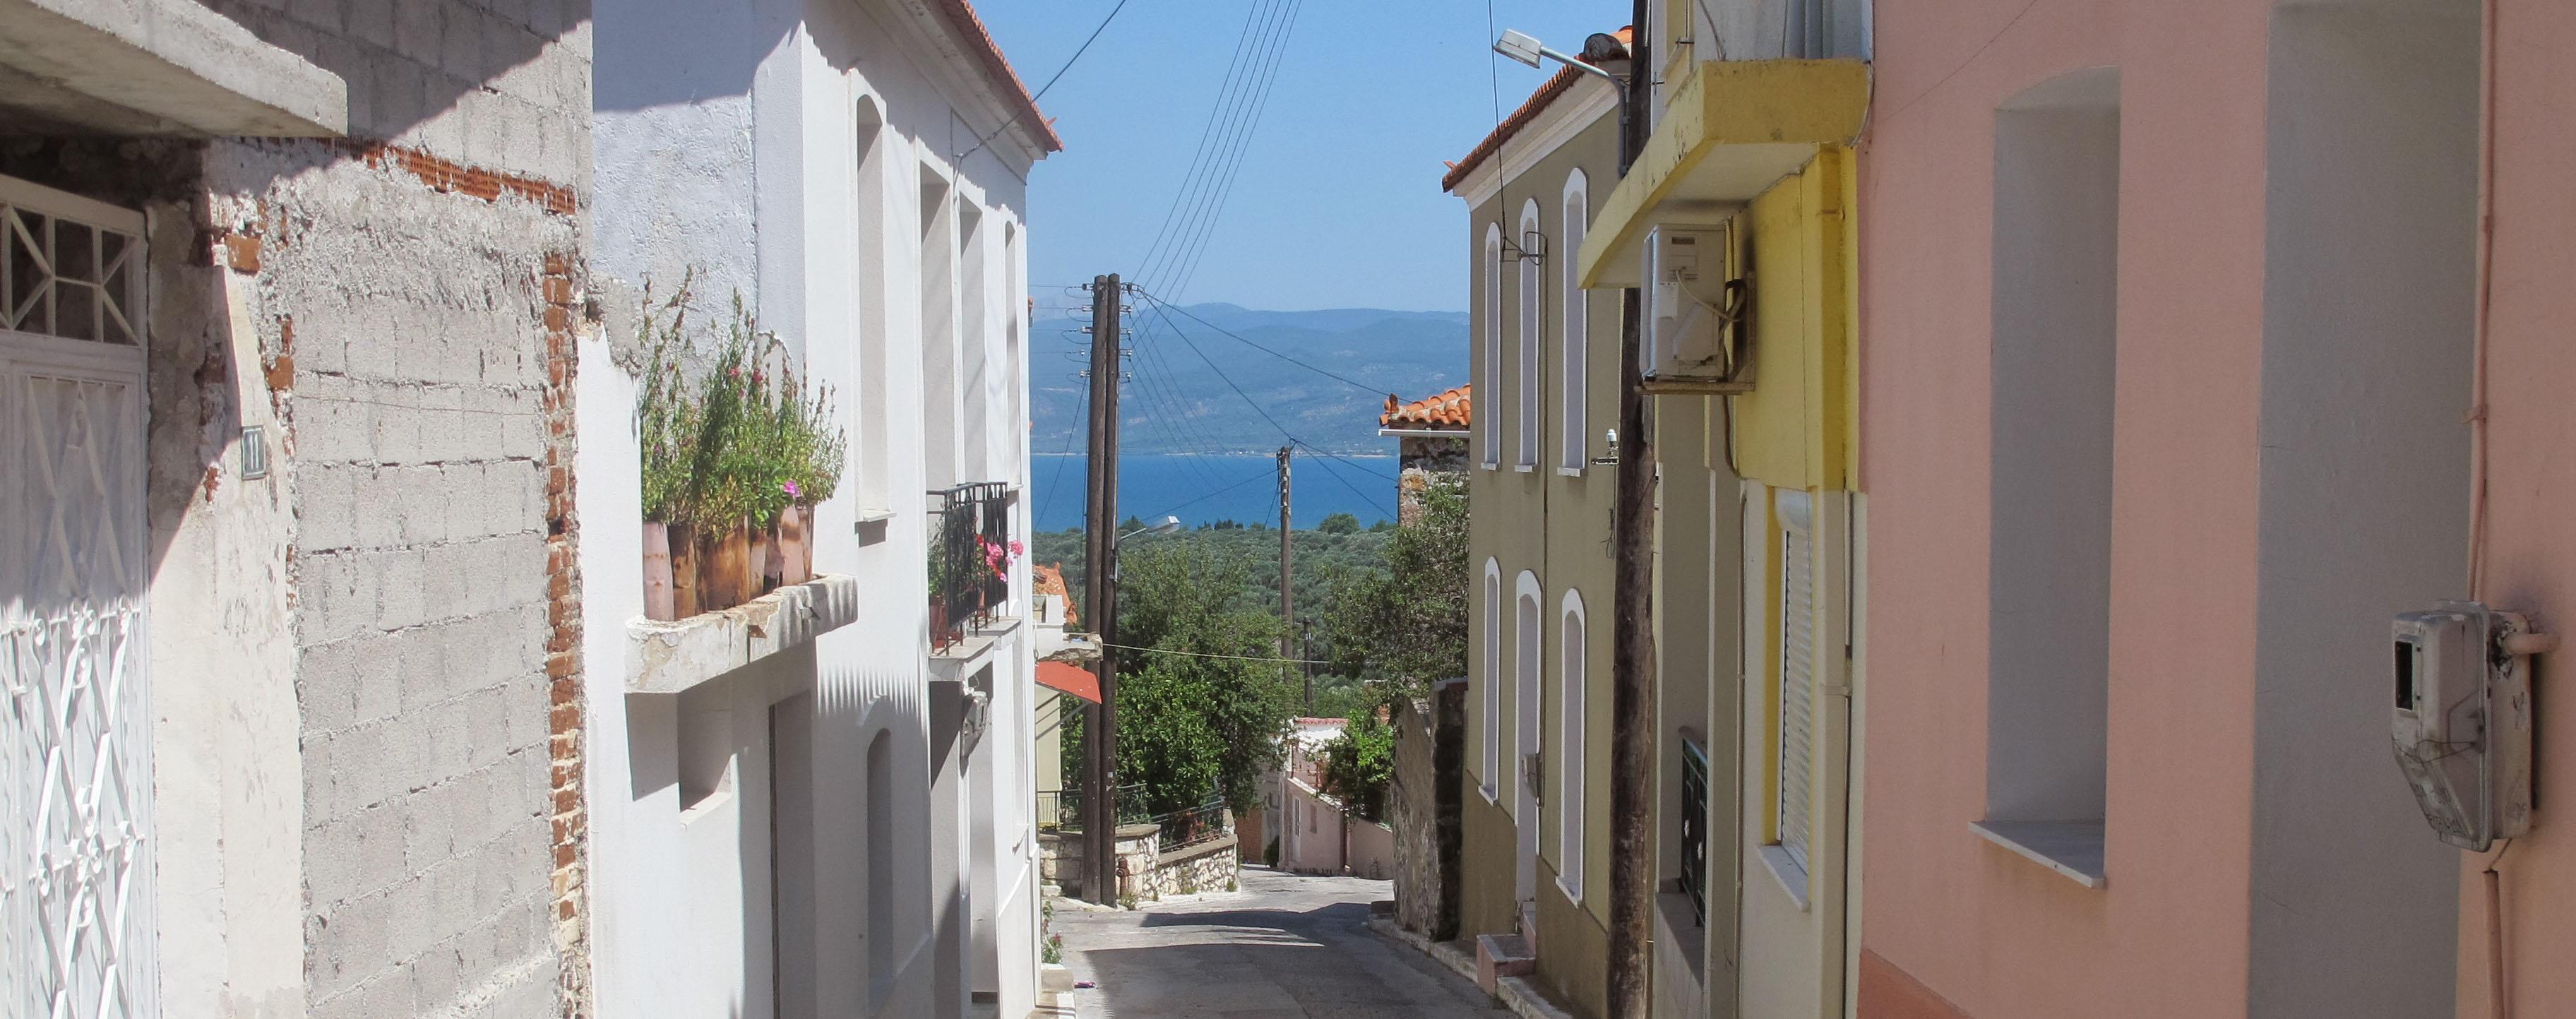 Lesbos - huse og vand-2